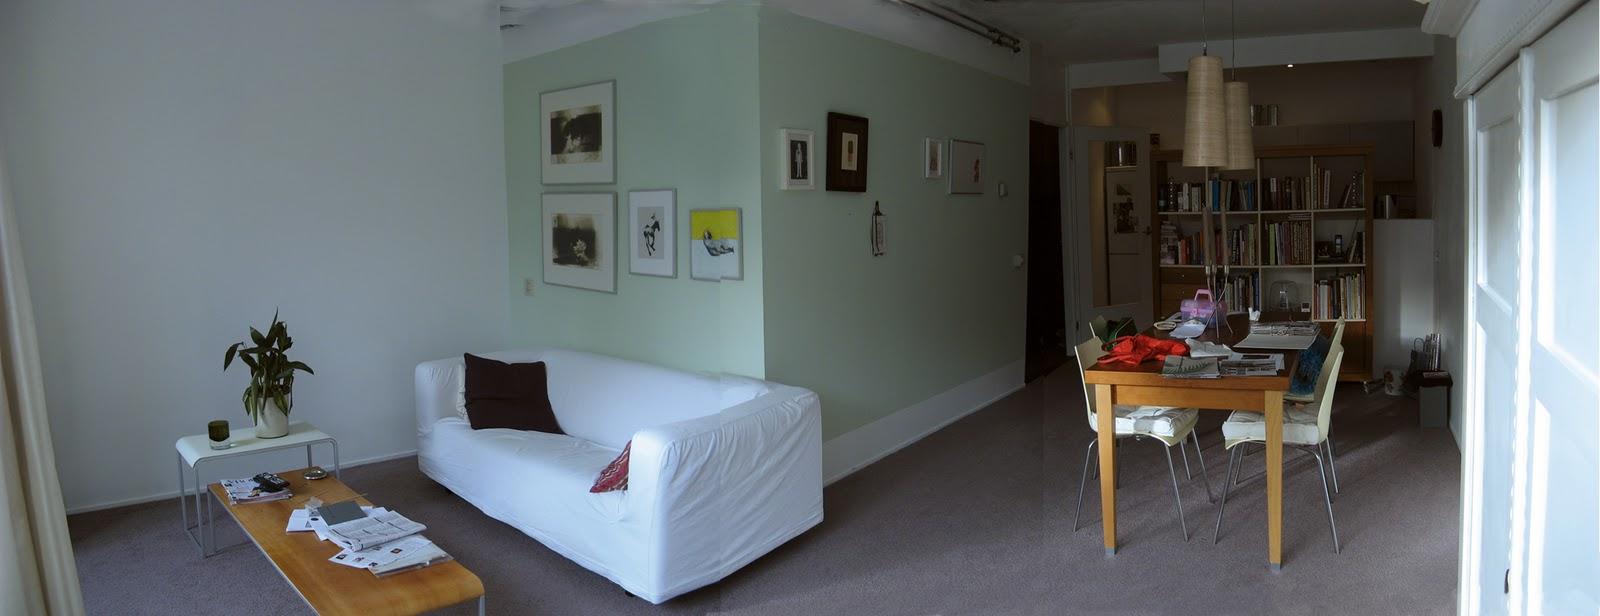 Woonkamer Ideeen Hoogglans: Terug naar overzicht woonkamer inrichten ...